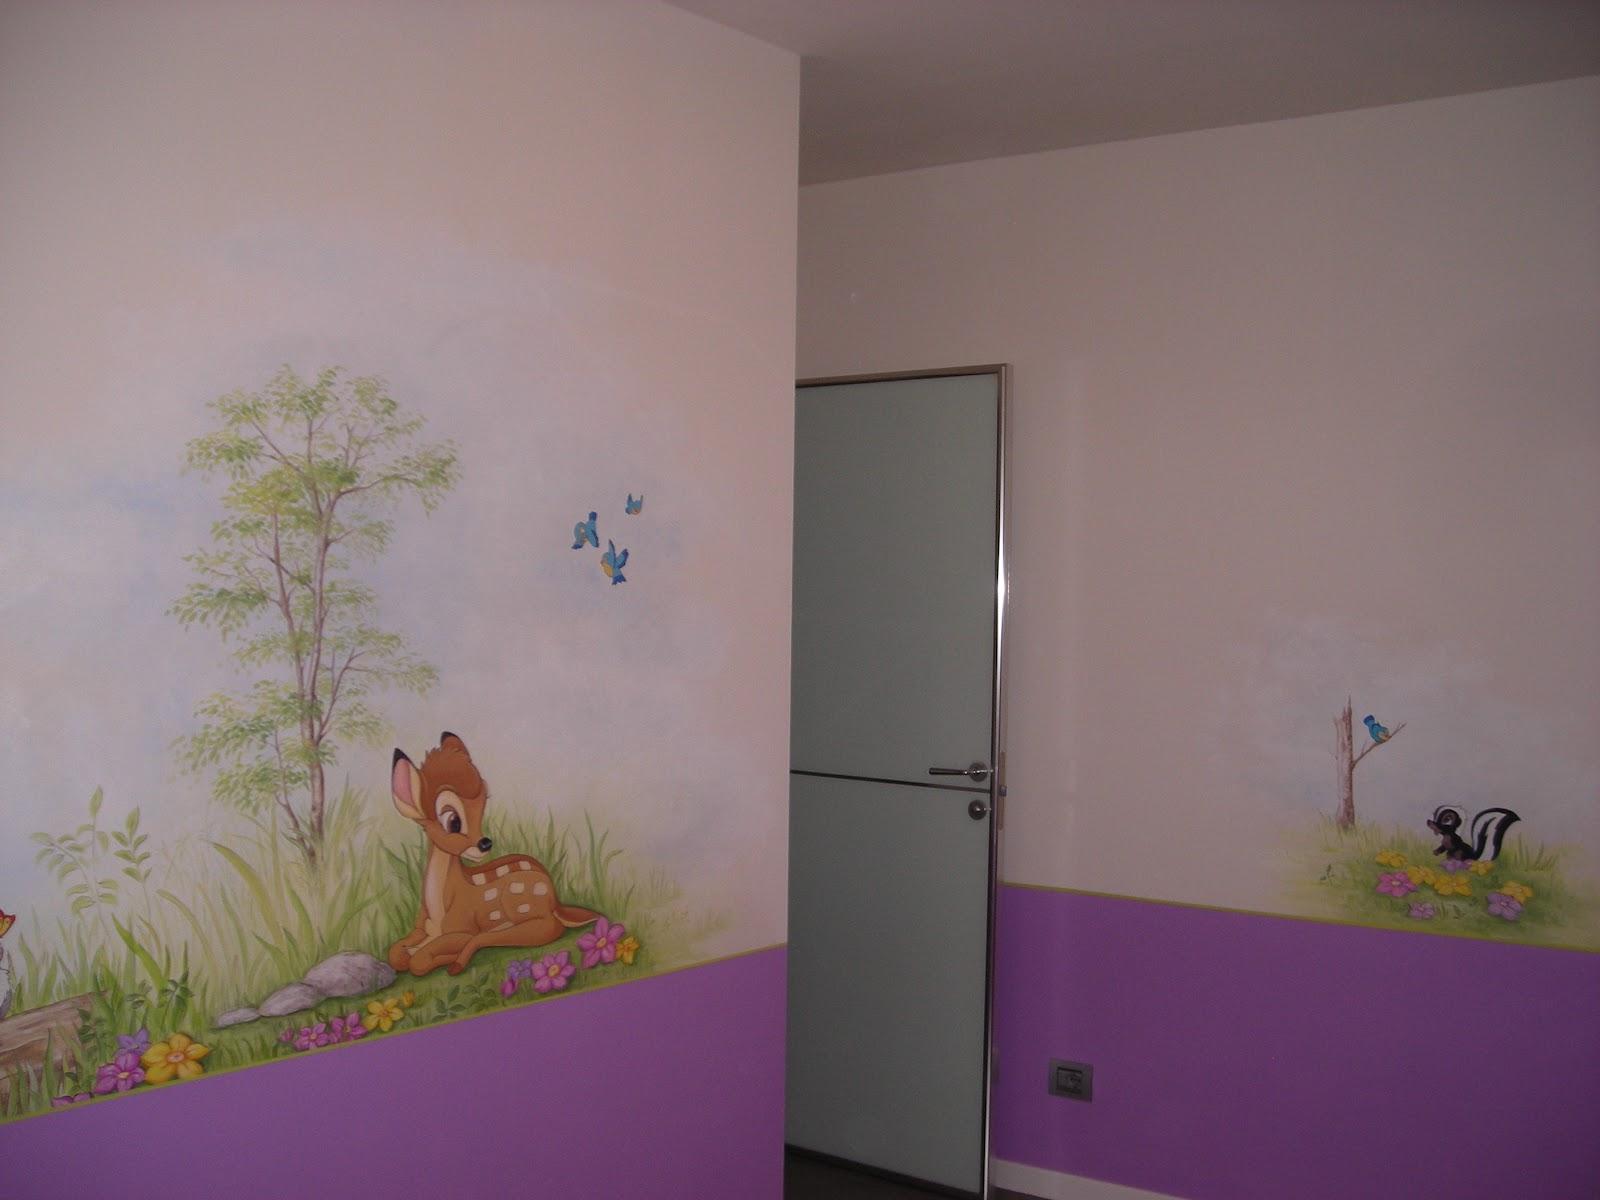 Decorazioni Per Camerette Ragazzi : Decorazioni camerette neonati good camerette per bambini stile